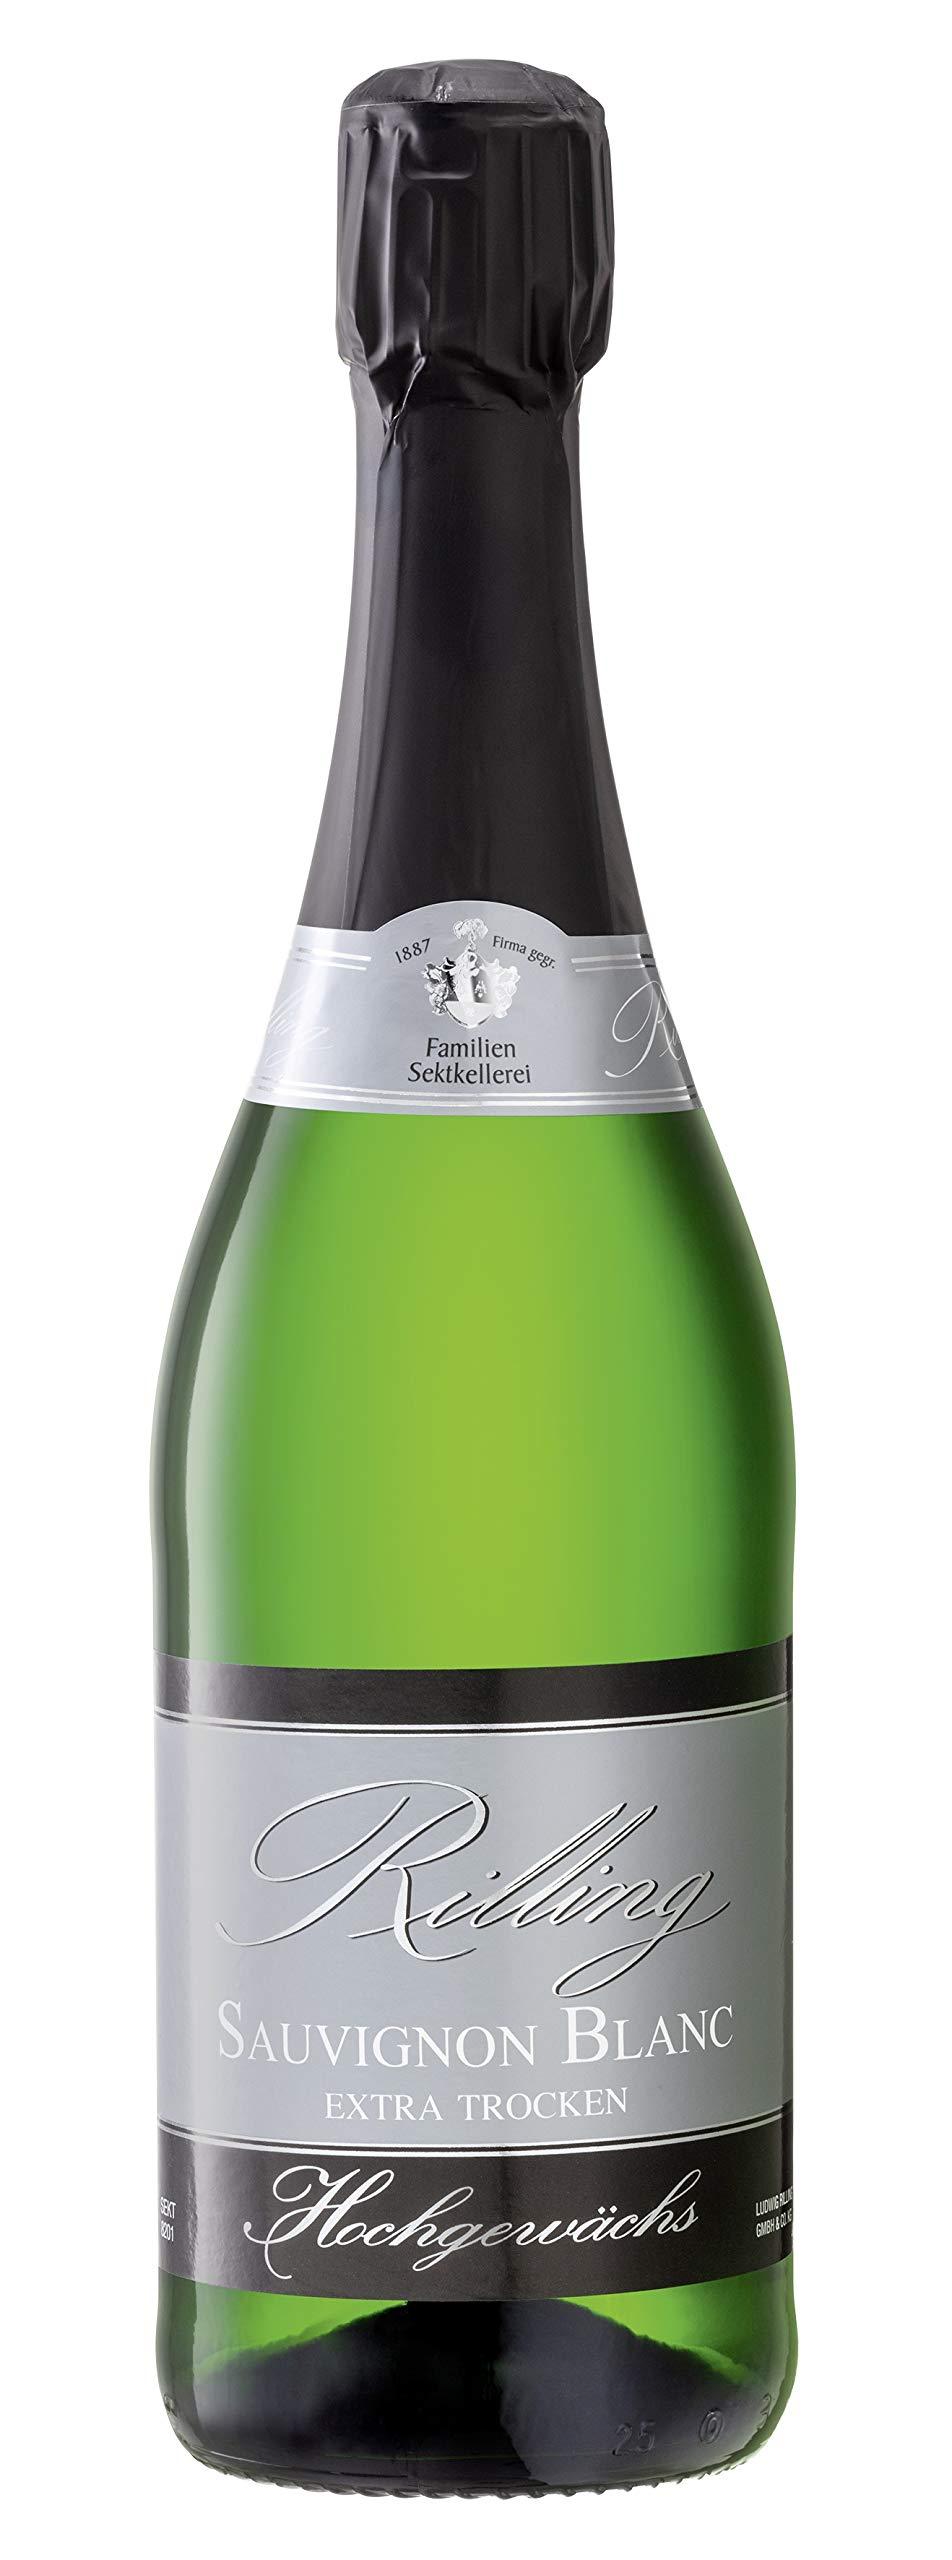 Rilling-Sauvignon-Blanc-Sekt-extra-trocken-vegan-3-x-075-l